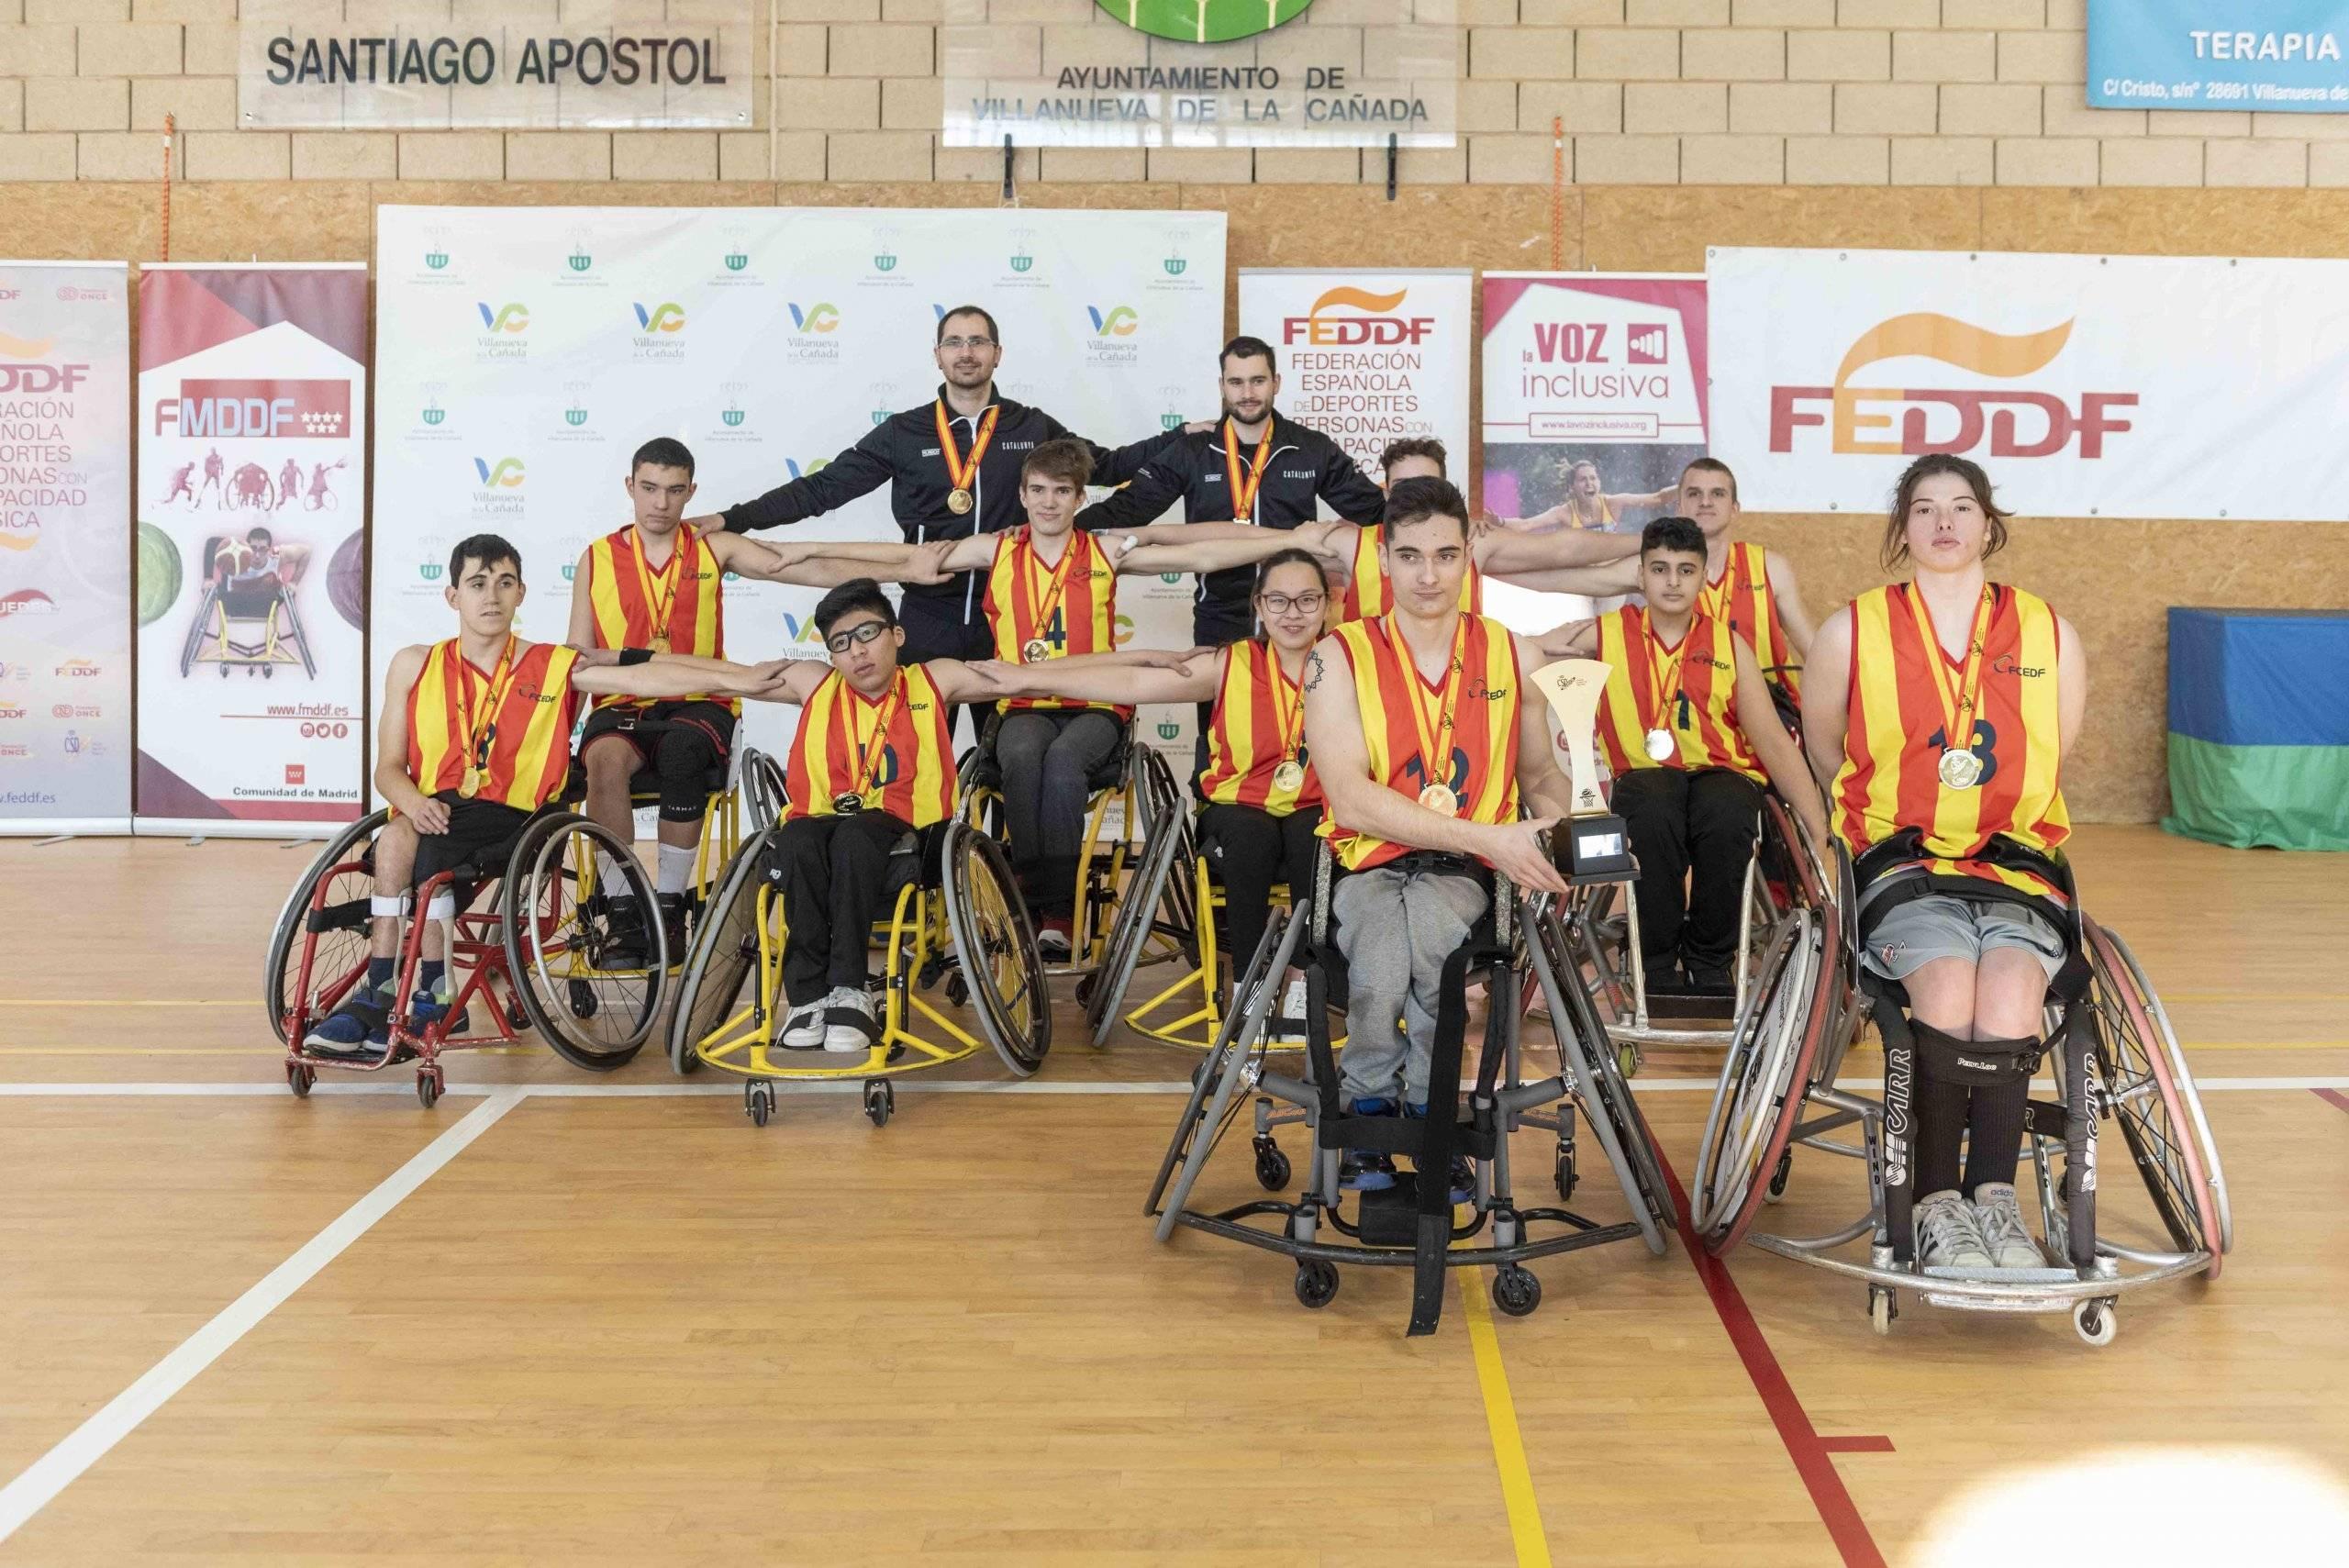 Equipo de la selección catalana, que obtuvo el primer puesto.